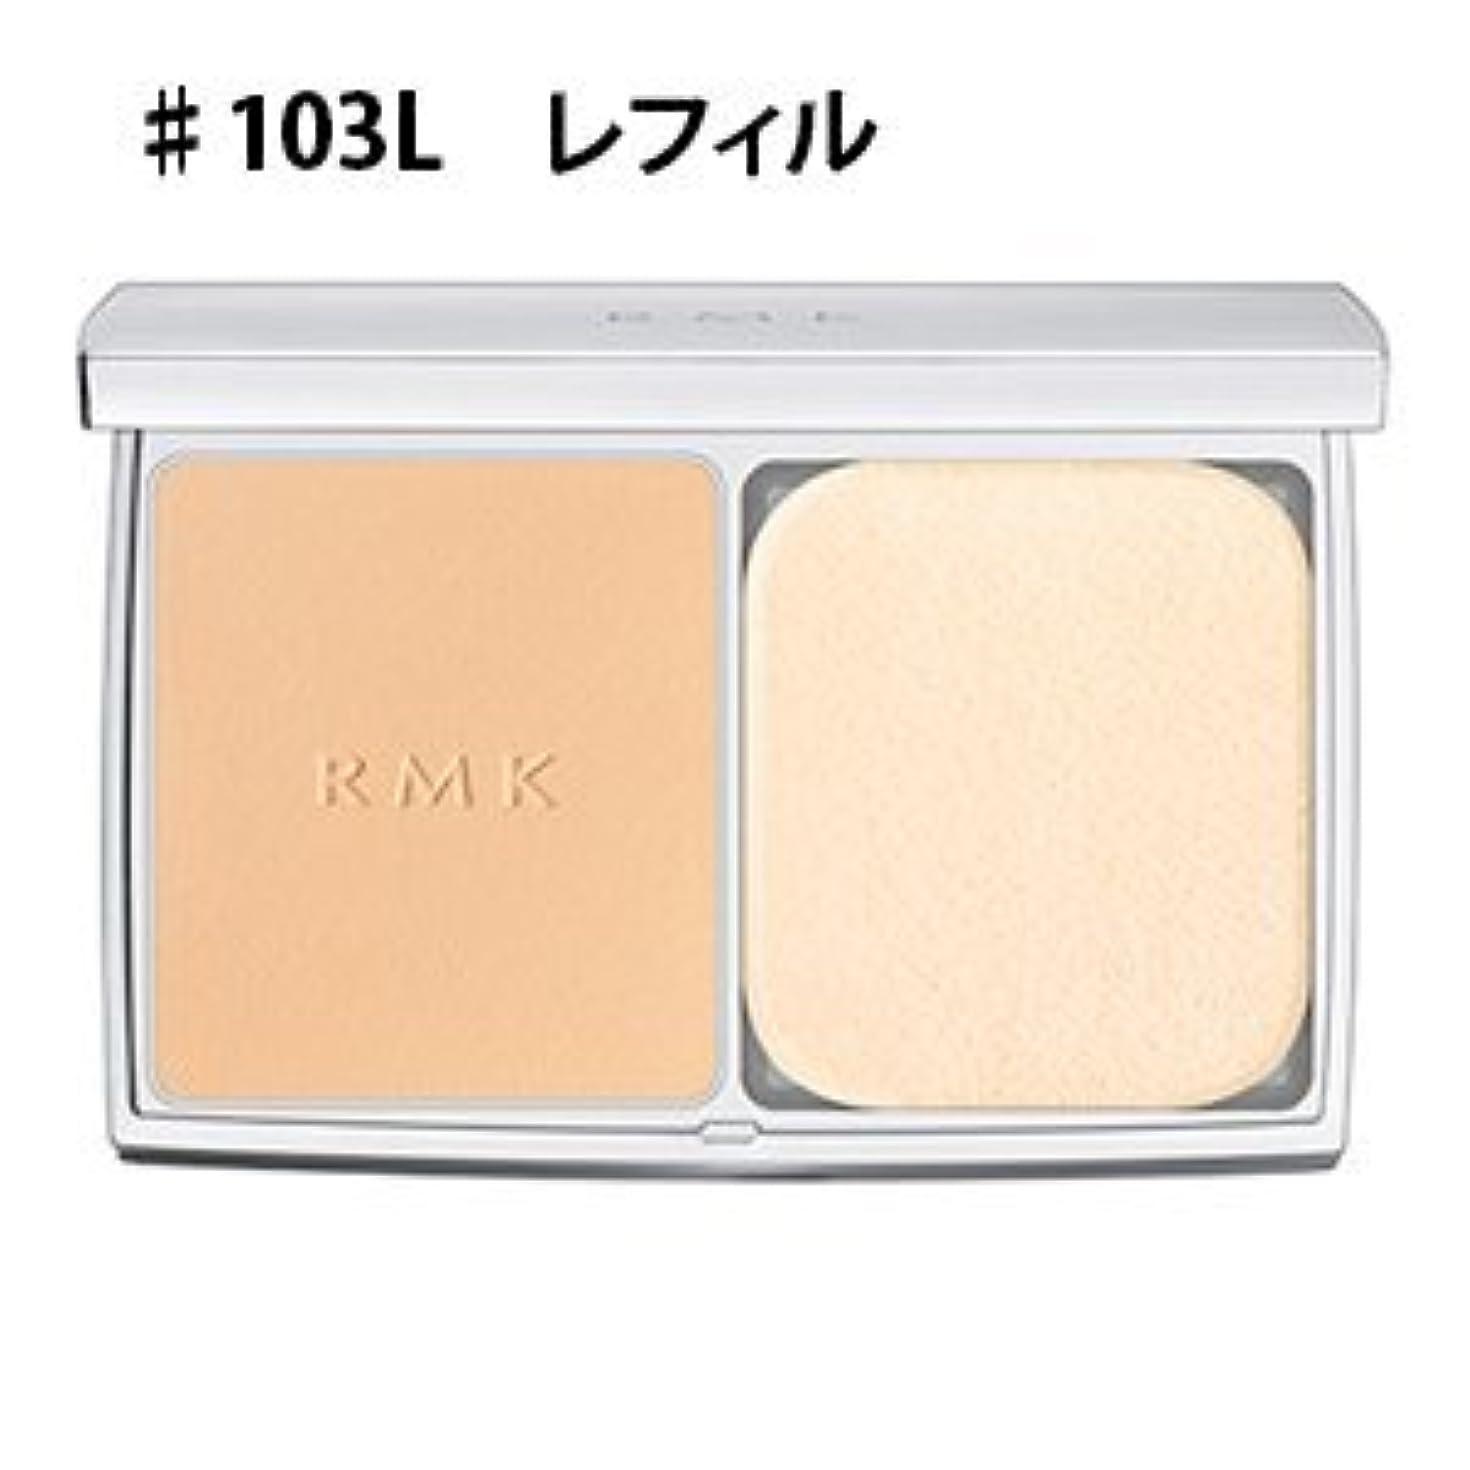 エンディングスパイワイド【RMK ファンデーション】RMK UV ファンデーション レフィル #103L 【並行輸入品】